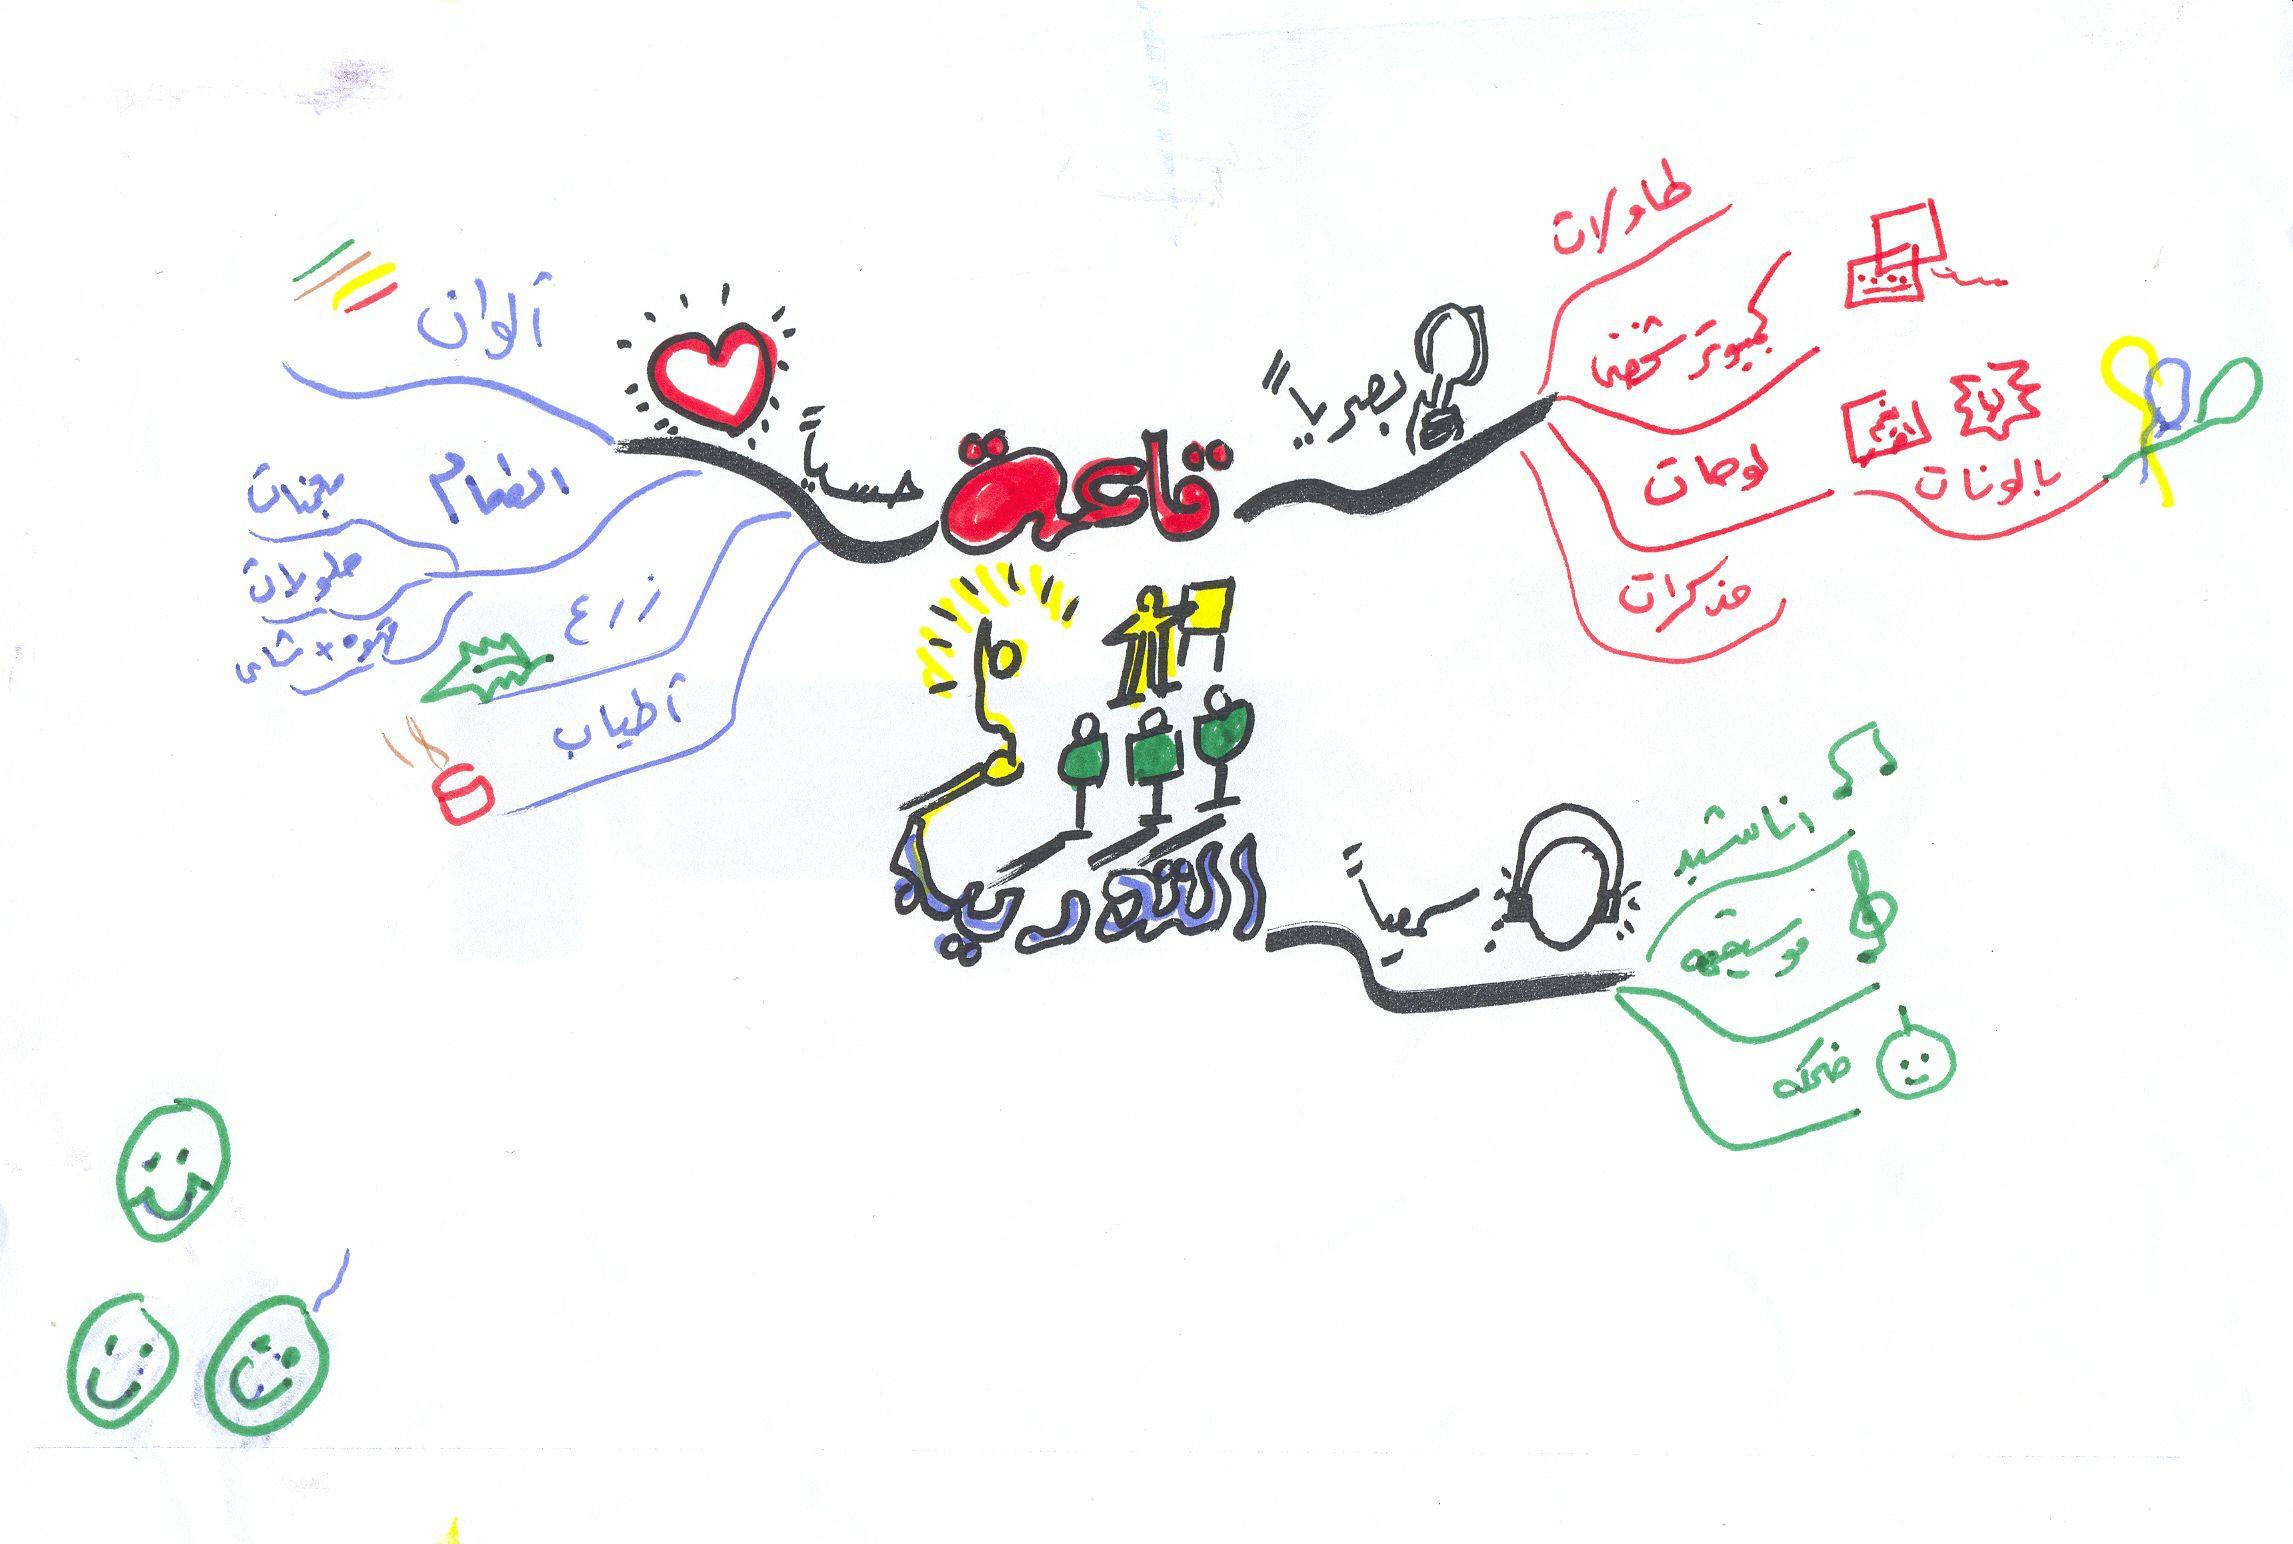 خريطة ذهنيةلاحتياجات دورة الالقاء الرائع Mental Map Map Character